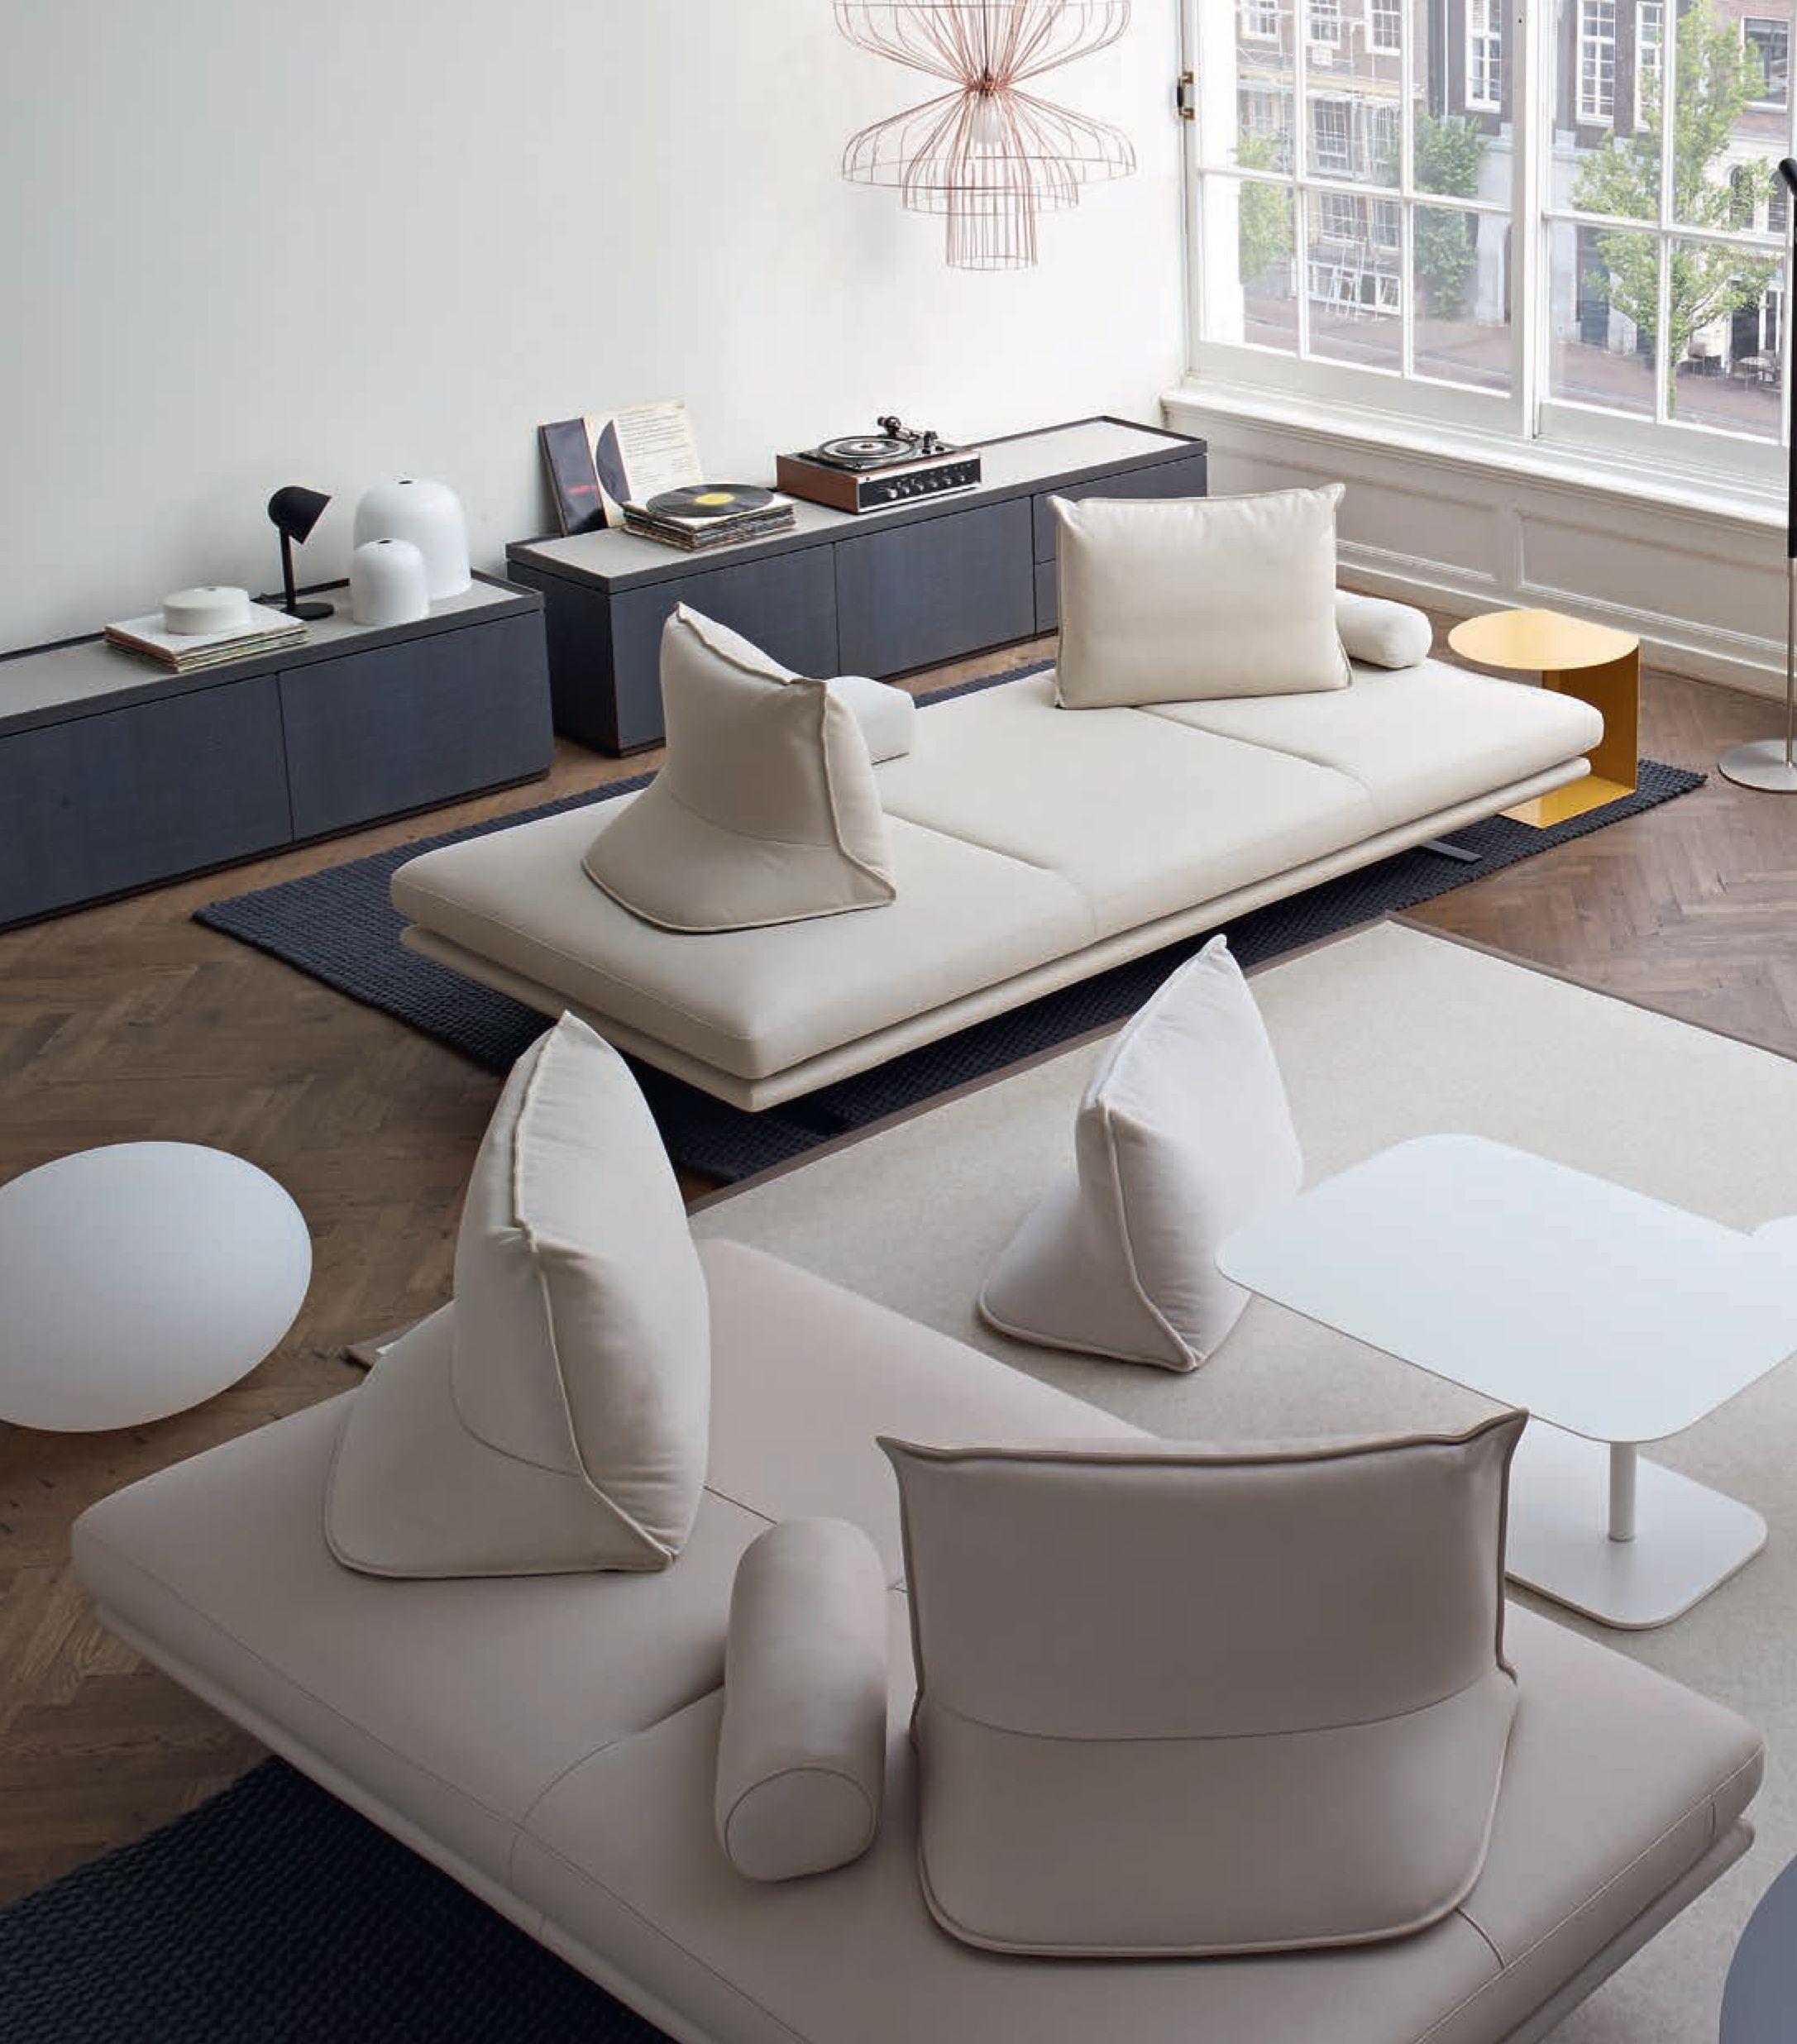 ligne roset prado ligne roset pinterest. Black Bedroom Furniture Sets. Home Design Ideas